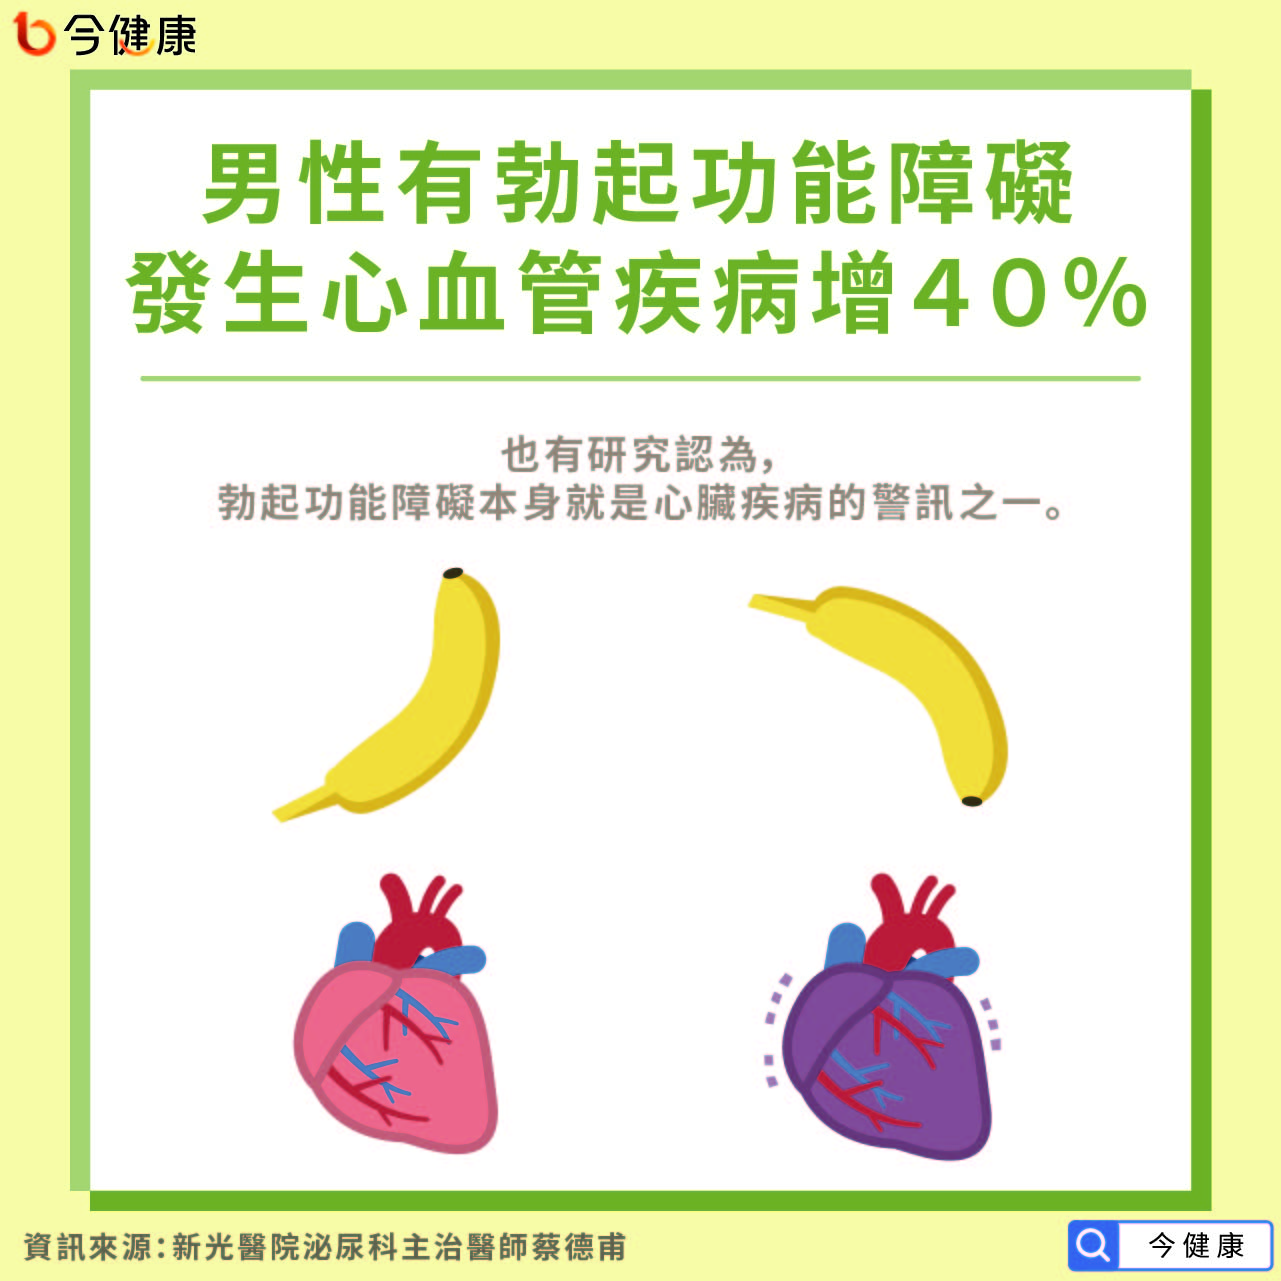 男性有勃起功能障礙 發生心血管疾病增加40%